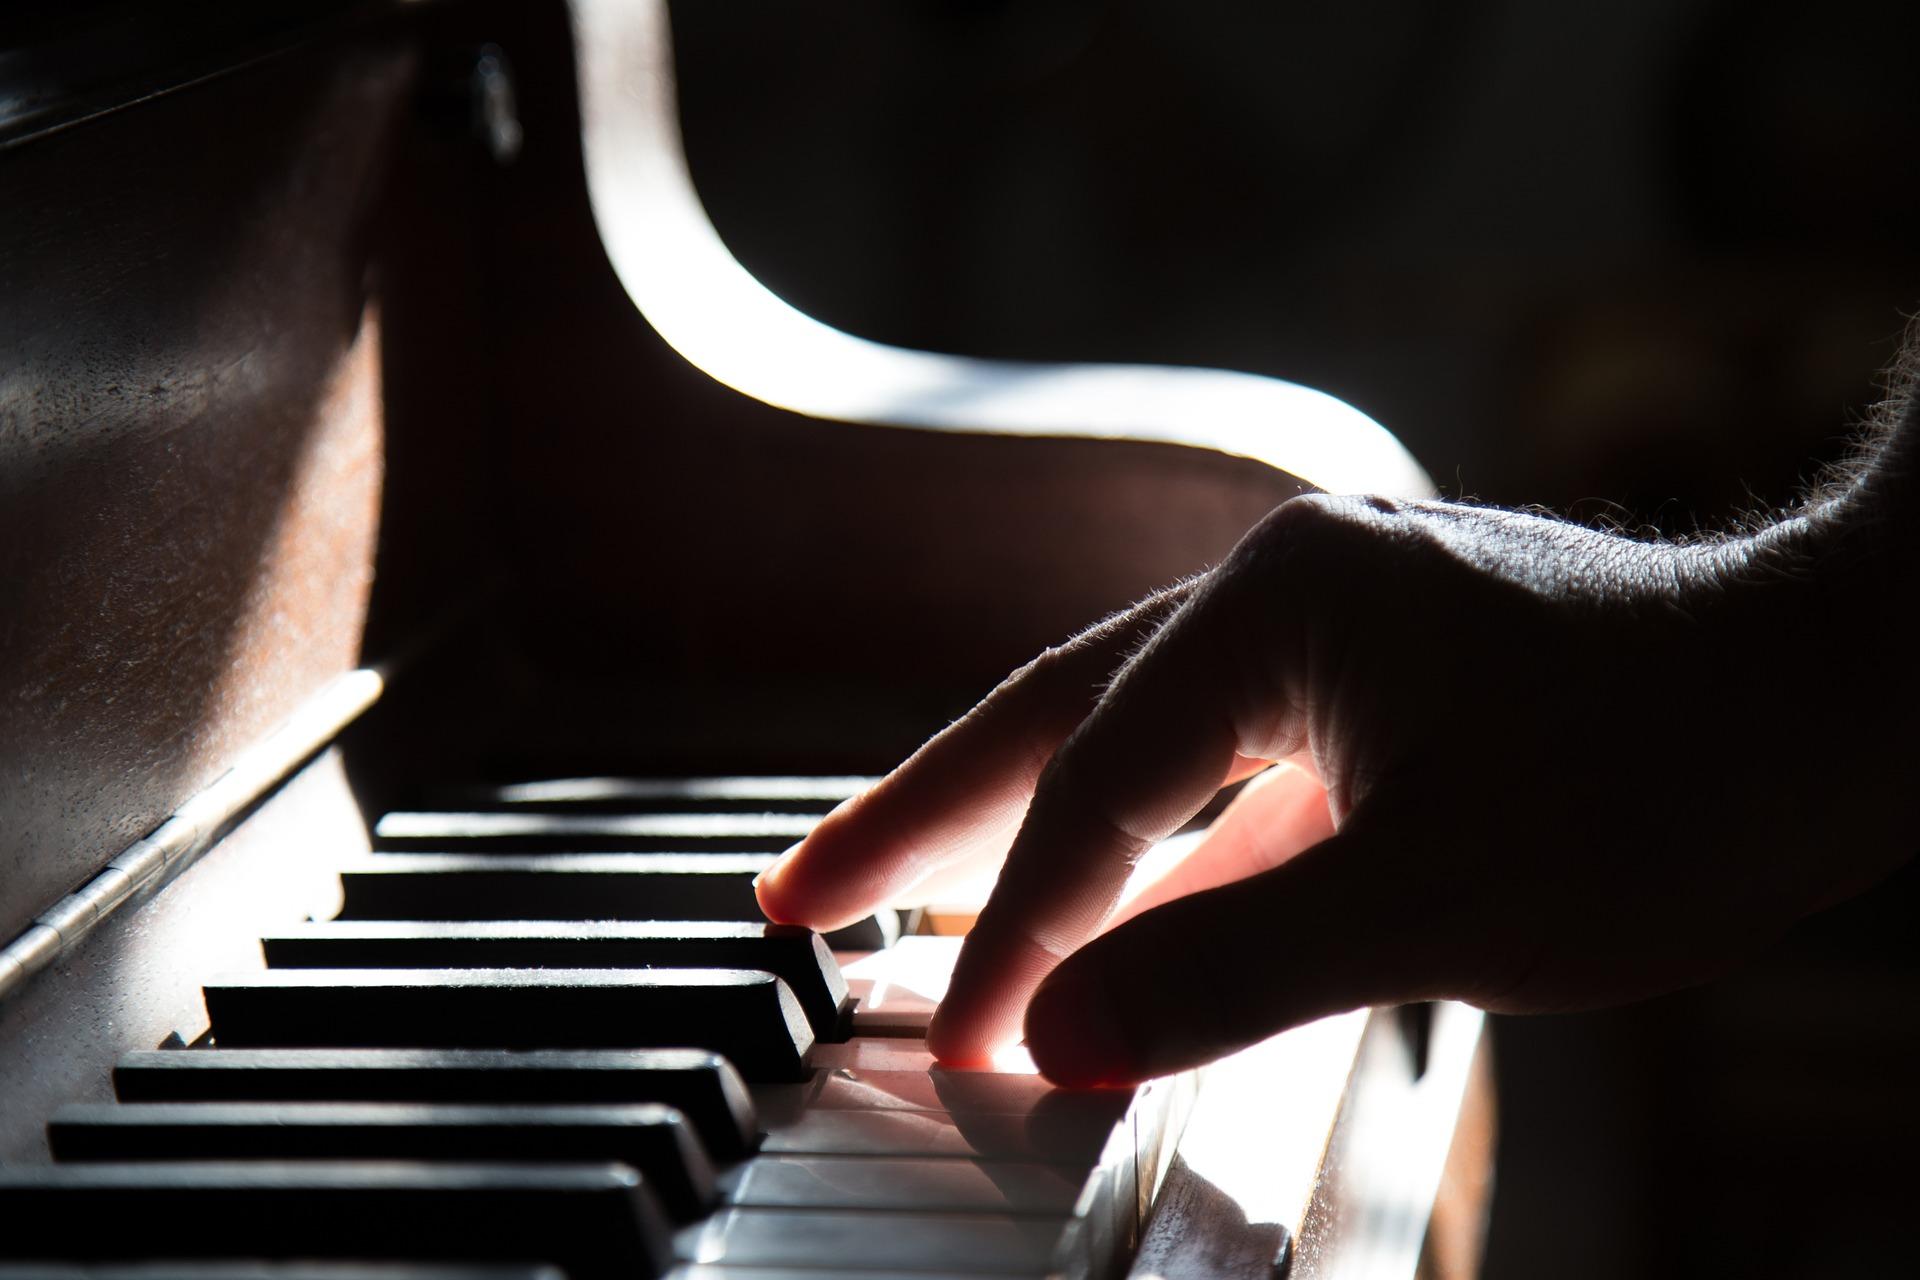 La comunità pianistica federiciana non interrompe la sua stagione di concerti. I pianisti si sono esibiti a partire dal 18 aprile 2020, ogni sabato alle 18. Mini-concerti della durata di 20 [...]